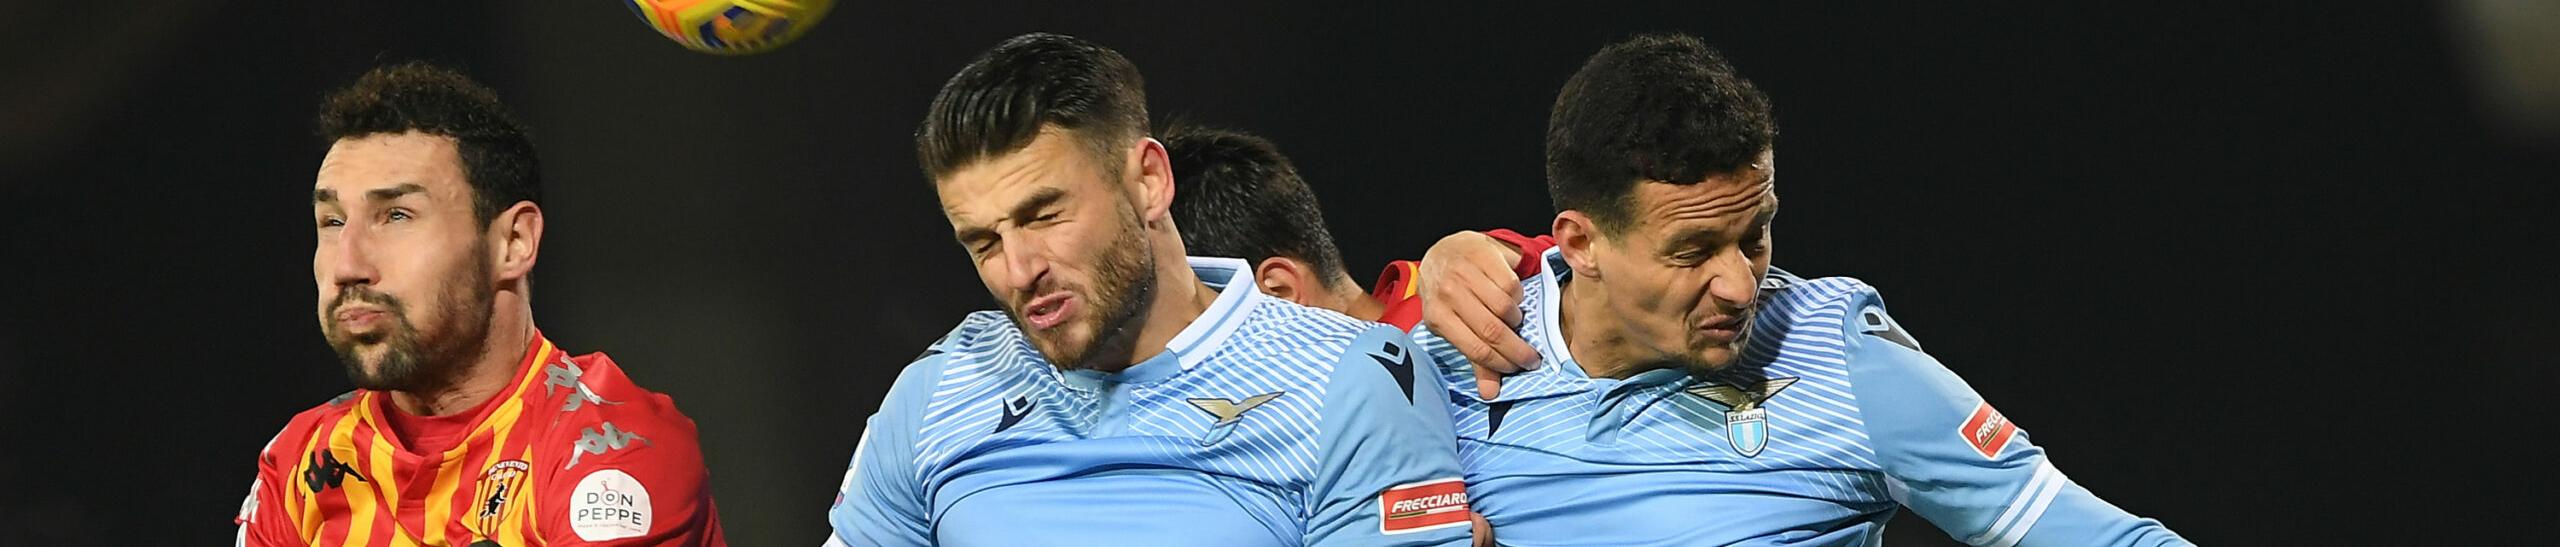 Lazio-Benevento, i fratelli Inzaghi ancora di fronte: i punti servono a entrambi